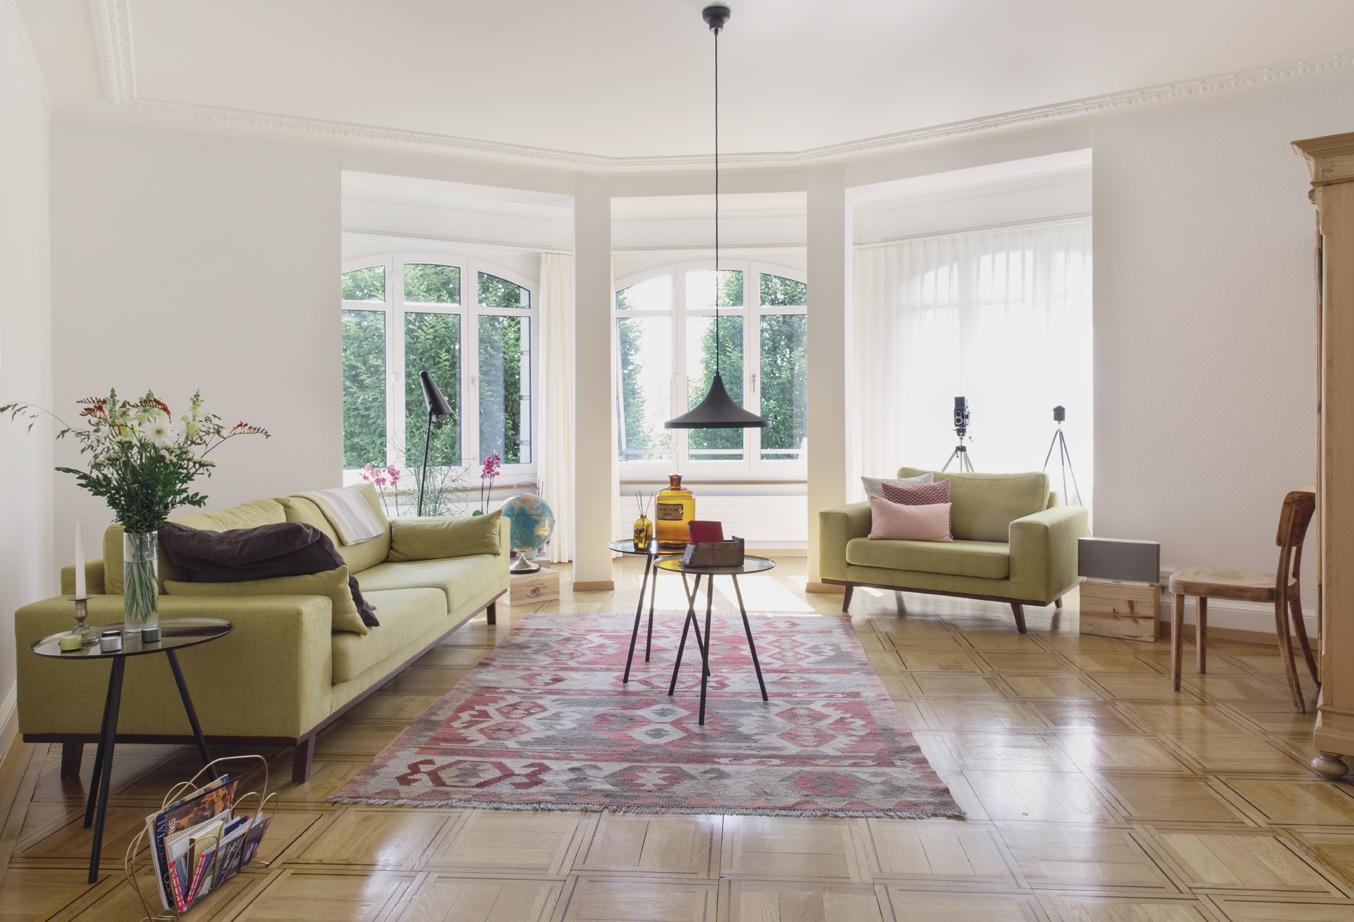 10 Ideen Fur Schonere Wohnzimmer